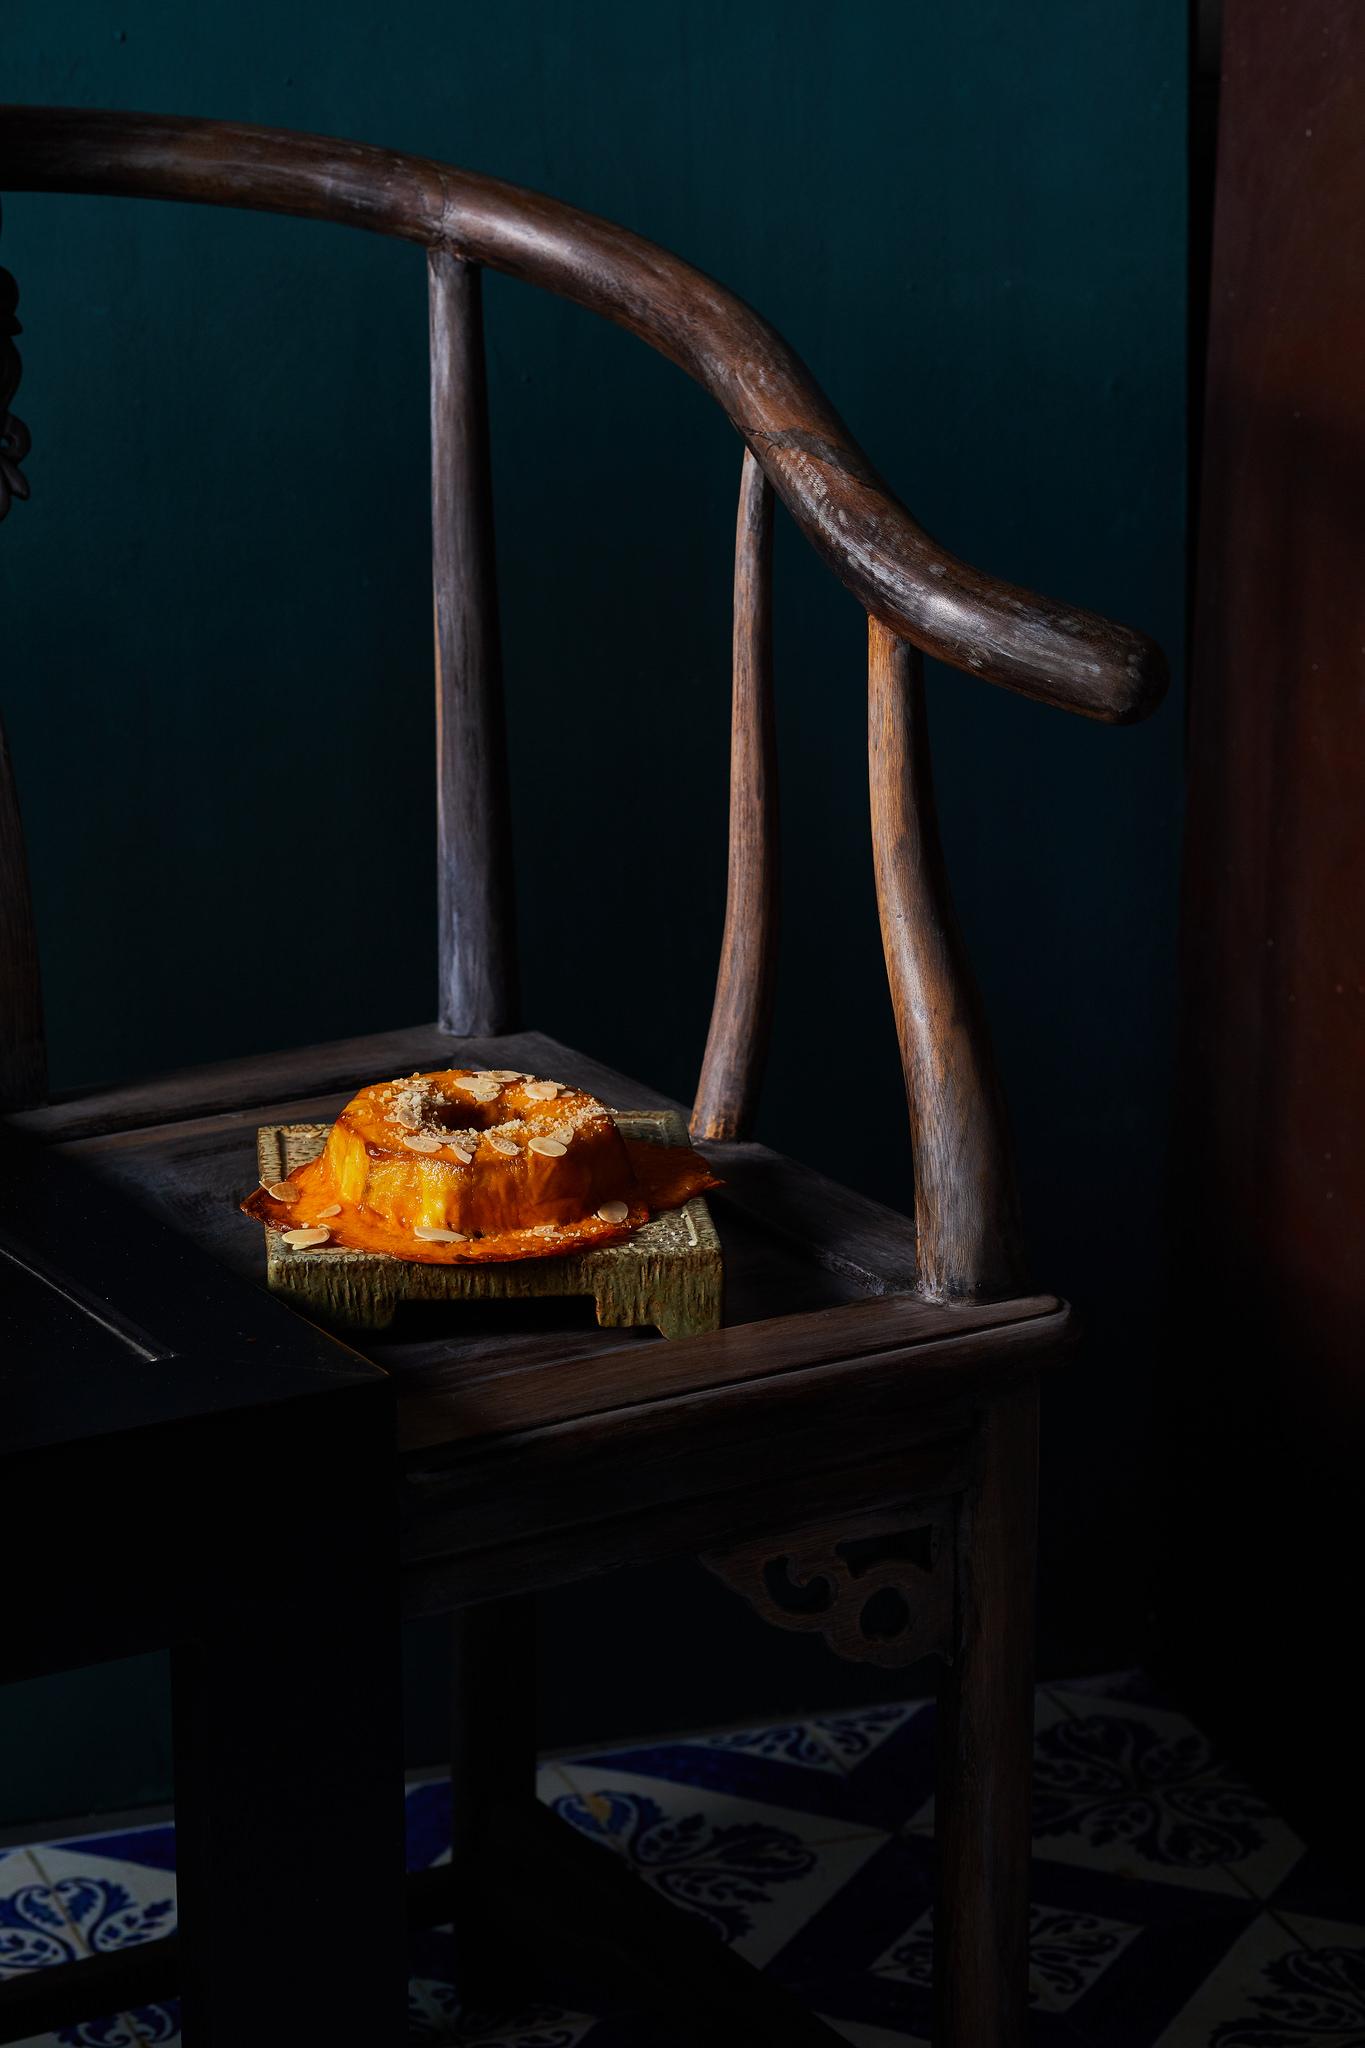 uudamchay-foodphotography-thatsluminous-02.jpg